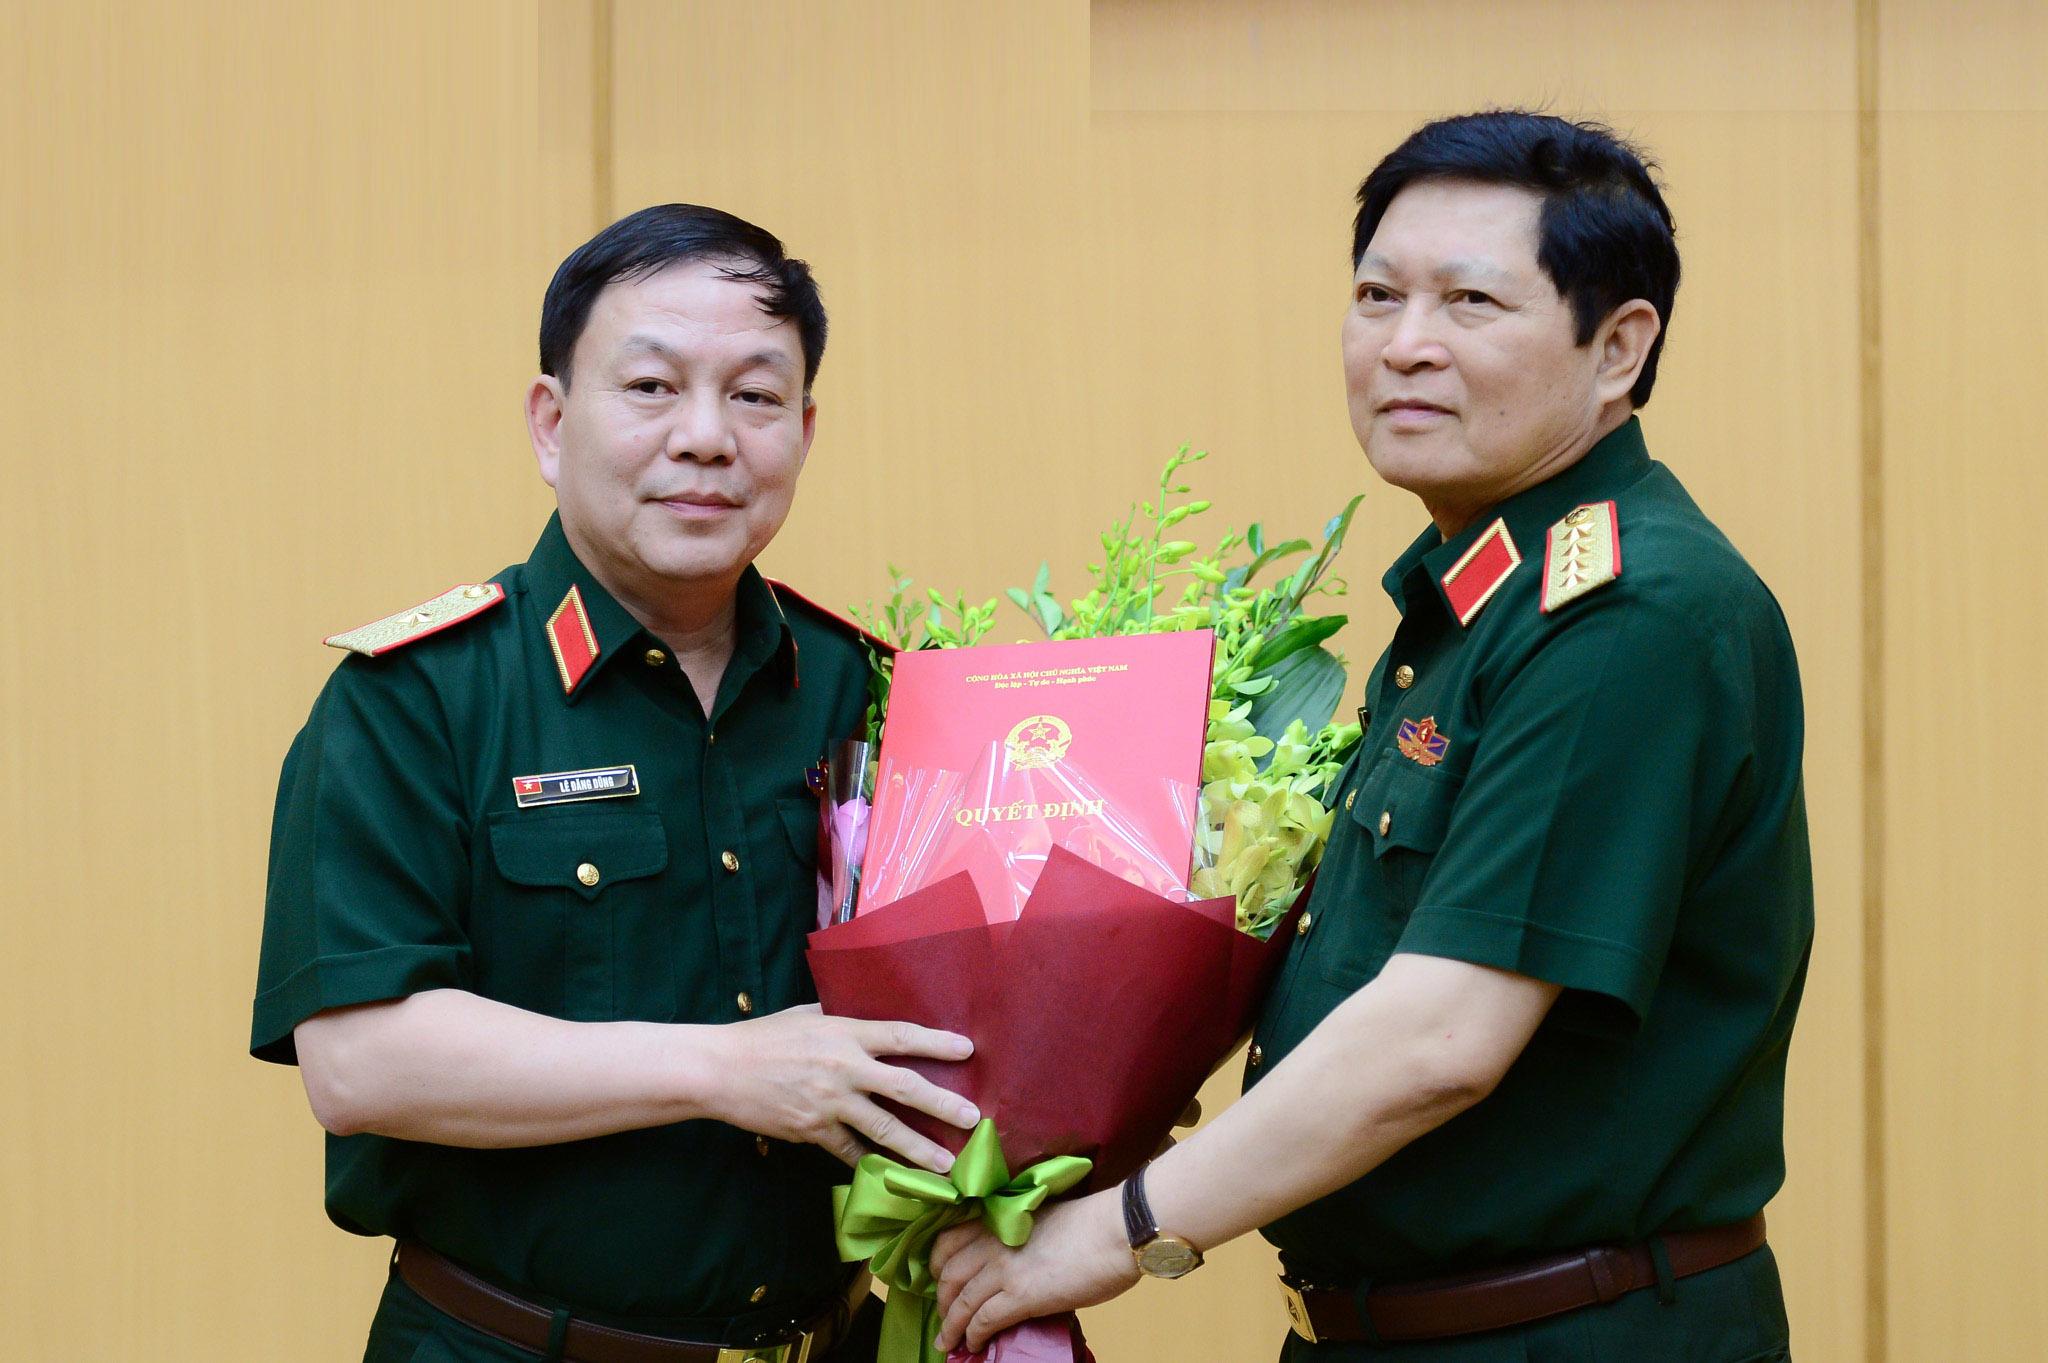 Thiếu tướng Lê Đăng Dũng vừa được giao phụ trách Chủ tịch, Tổng Giám đốc Viettel là ai?